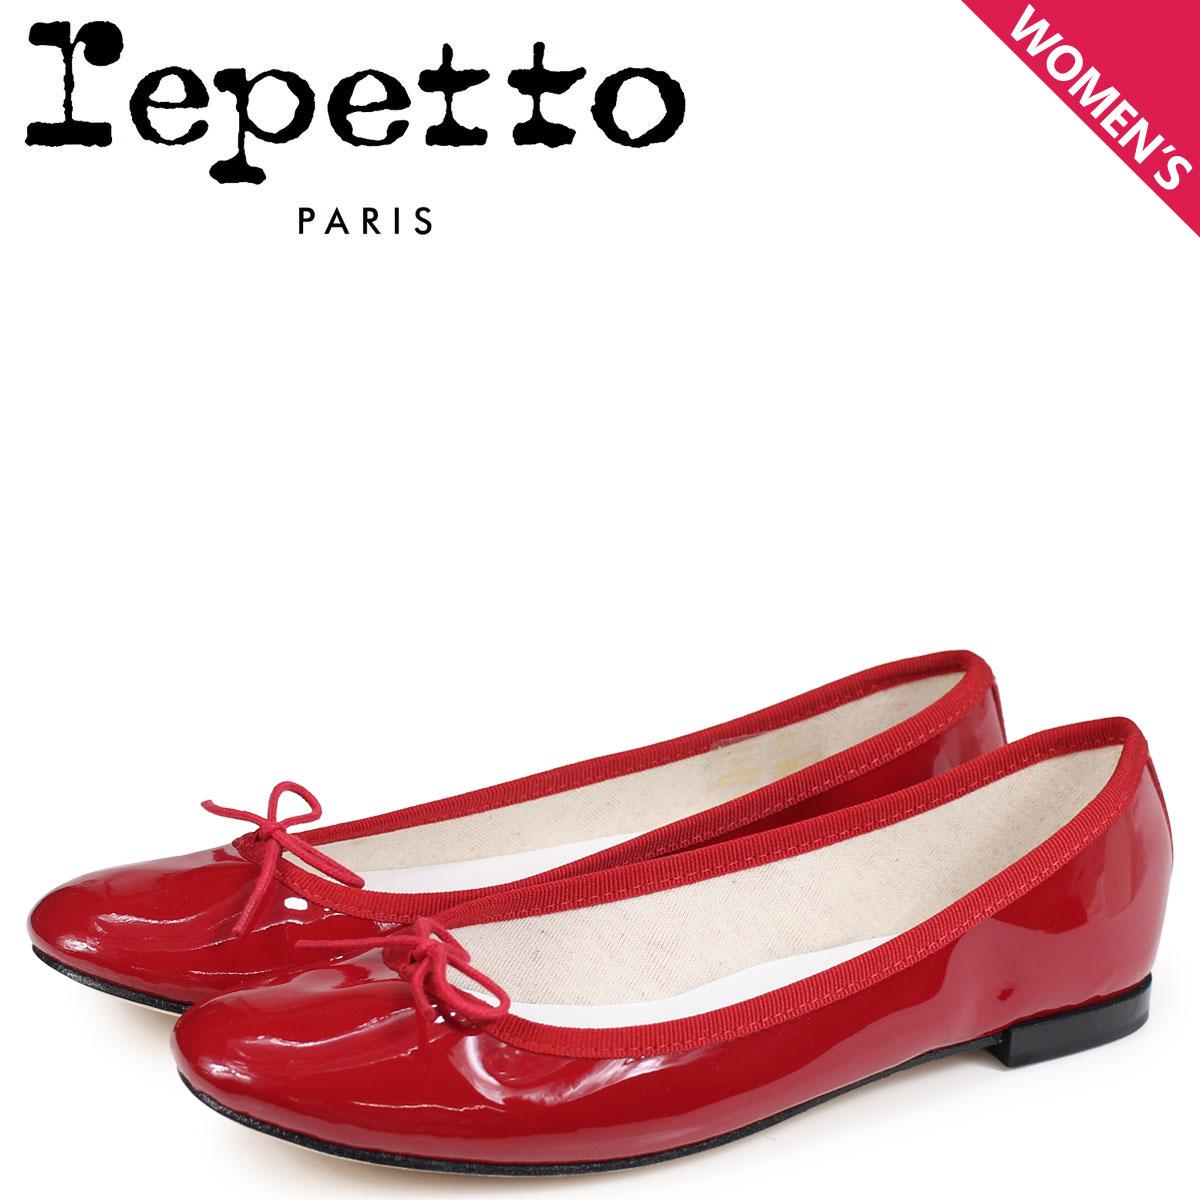 Repetto レペット バレエシューズ サンドリオン パンプス レディース CENDRILLON BALLERINA レッド 赤 V086-550